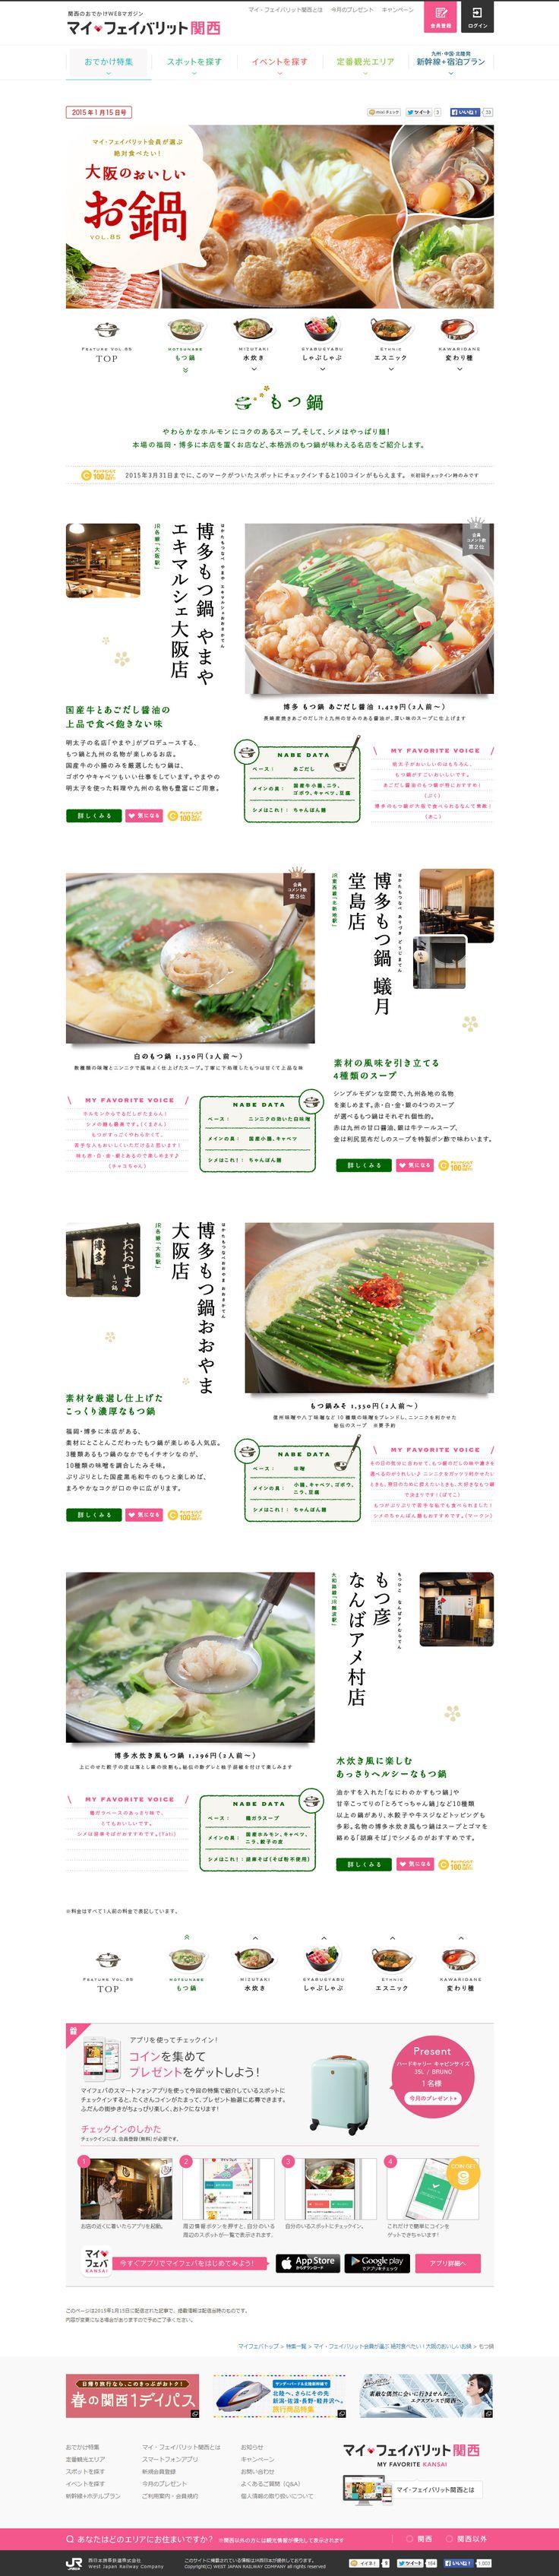 【特集Vol.85】もつ鍋:マイ・フェイバリット会員が選ぶ 絶対食べたい!大阪のおいしいお鍋:マイ・フェイバリット関西